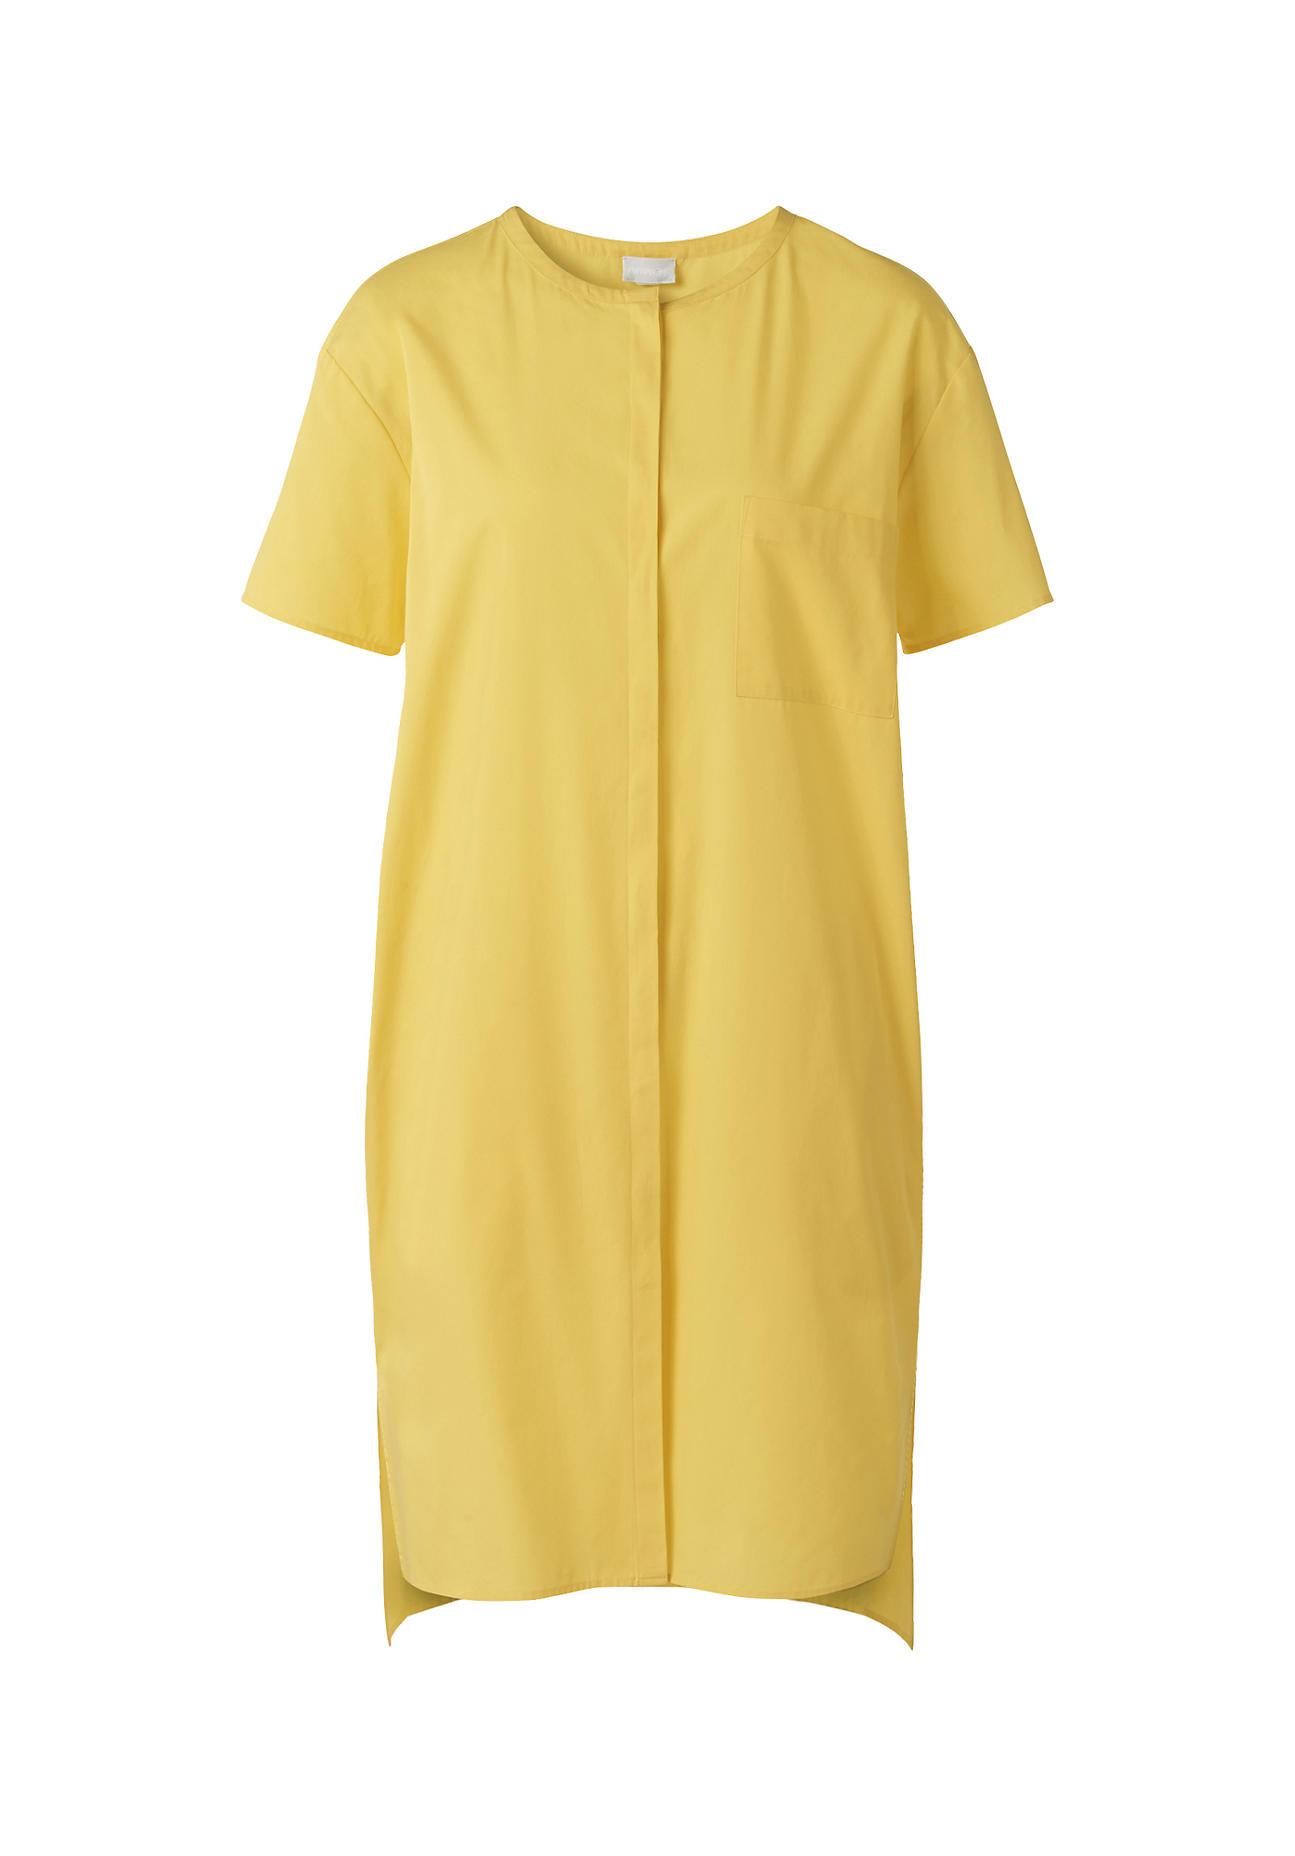 Kleider für Frauen - hessnatur Damen Kleid aus Bio Baumwolle – gelb –  - Onlineshop Hessnatur